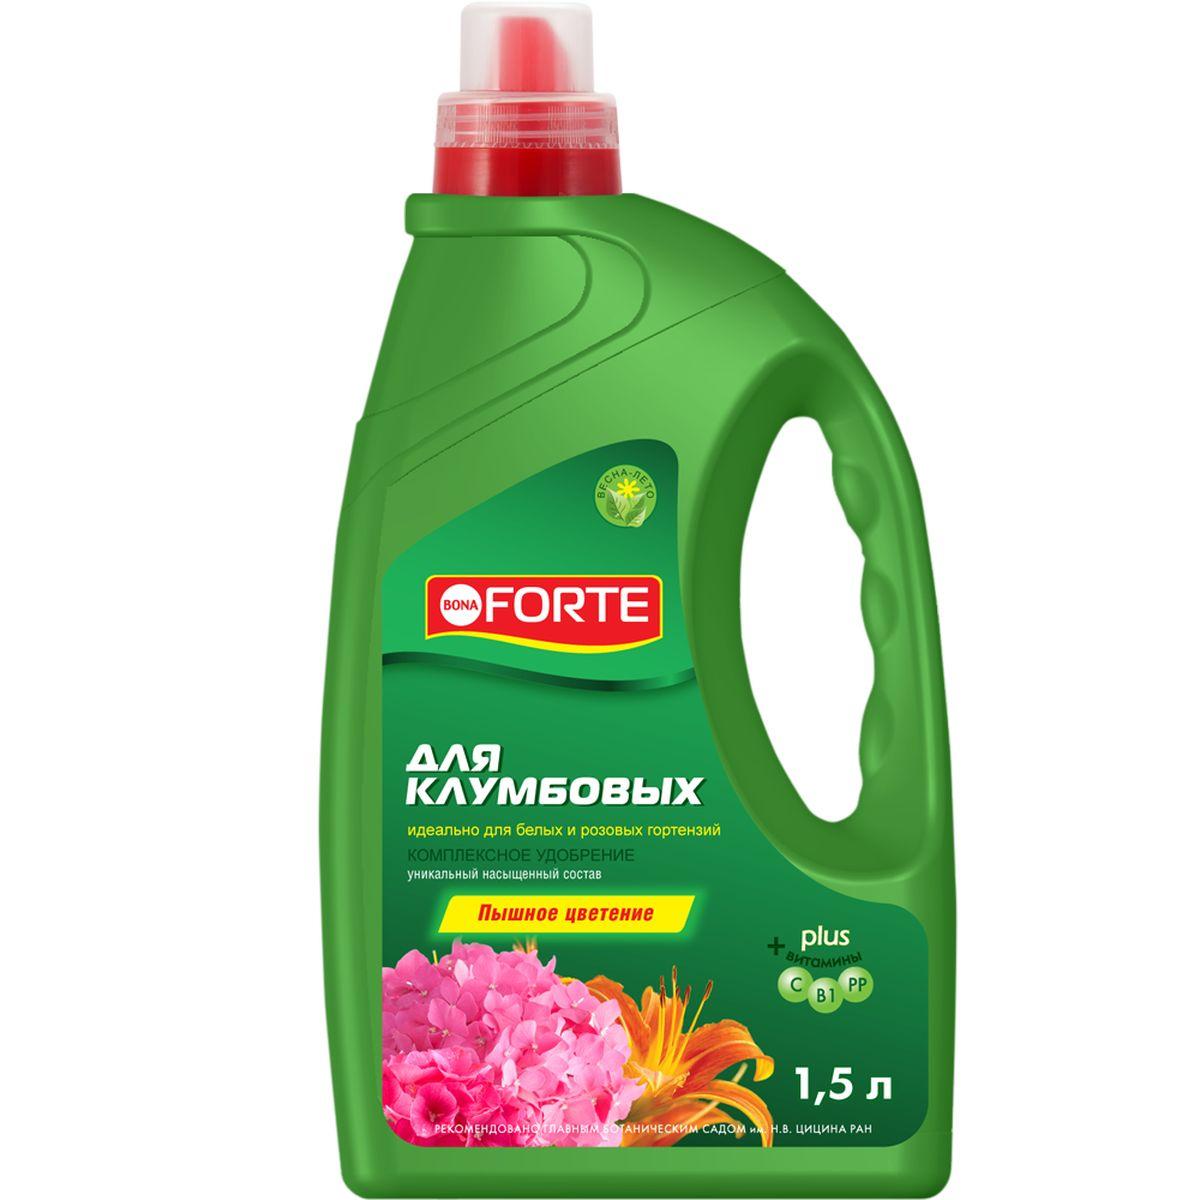 Жидкое комплексное удобрение Bona Forte, для роз, гортензий и клумб, 1,5 лBF-21-04-009-1Жидкое комплексное удобрение Bona Forte для клумбовых цветов.Идеально подходит для розовых и белых гортензий. Состав:Три основных макроэлемента (NPK): азот (N) - 5 %, фосфор (P2O5) - 4,5 %, калий (K2O) - 3,5 %.Основной мезоэлемент (Mg): магний (MgO) - 0,5 %.Семь микроэлементов: бор, железо, марганец, цинк, медь, молибден, кобальт.Из них шесть микроэлементов в хелатной форме: железо, марганец, цинк, медь, молибден, кобальт. Комплекс витаминов: B1, PP, С. Стимулятор роста: янтарная кислота.